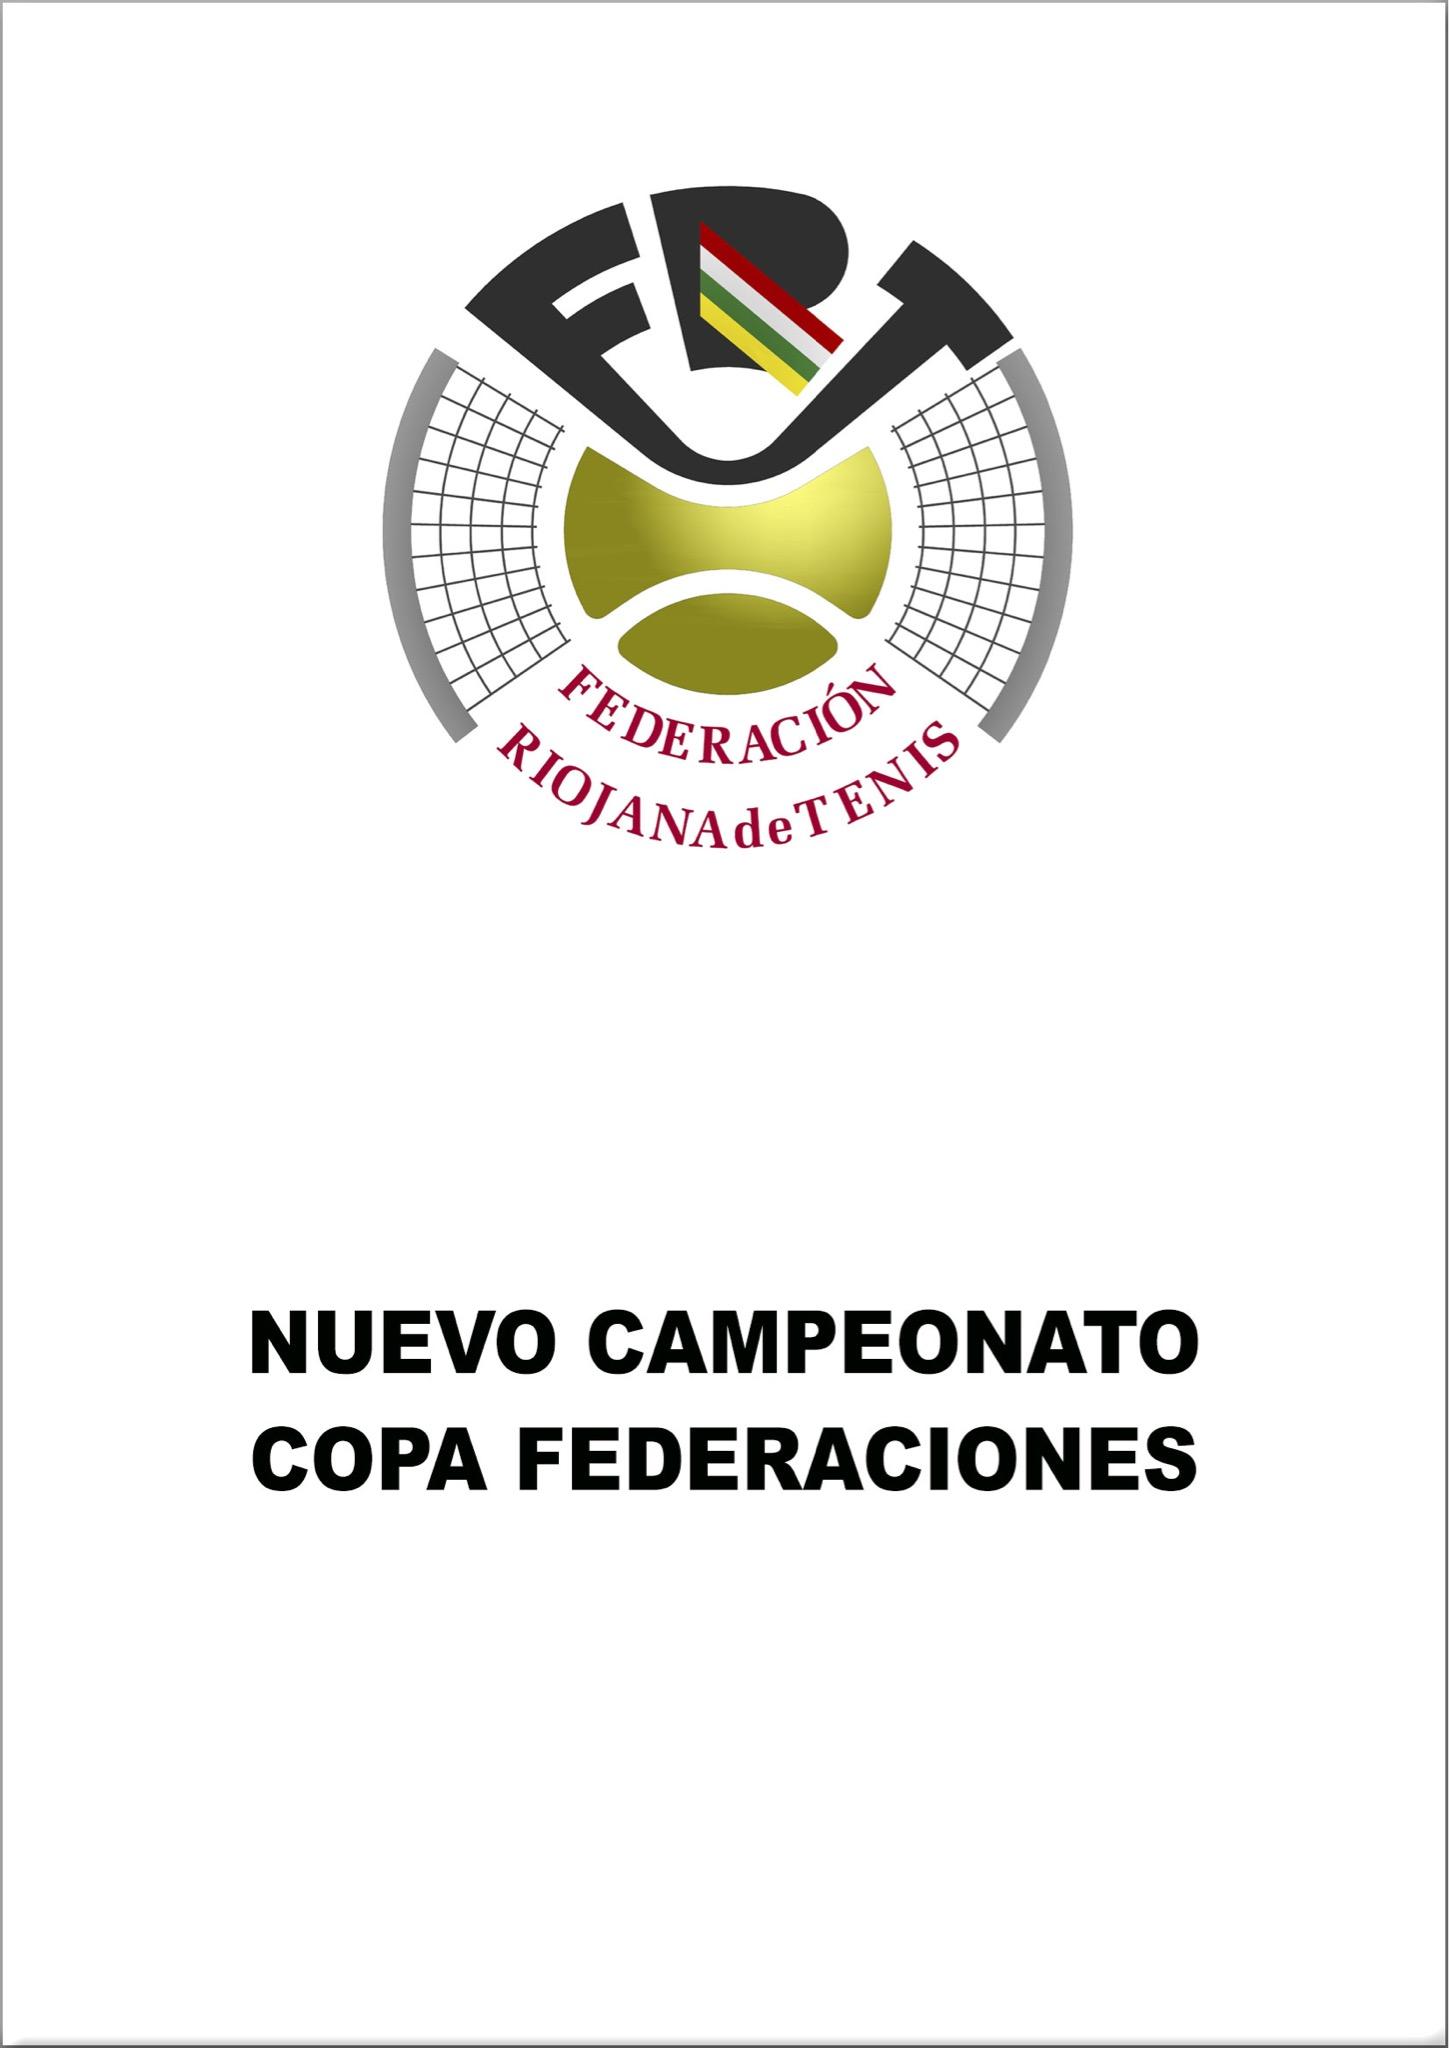 Nuevo Campeonato Copa Federaciones 2019